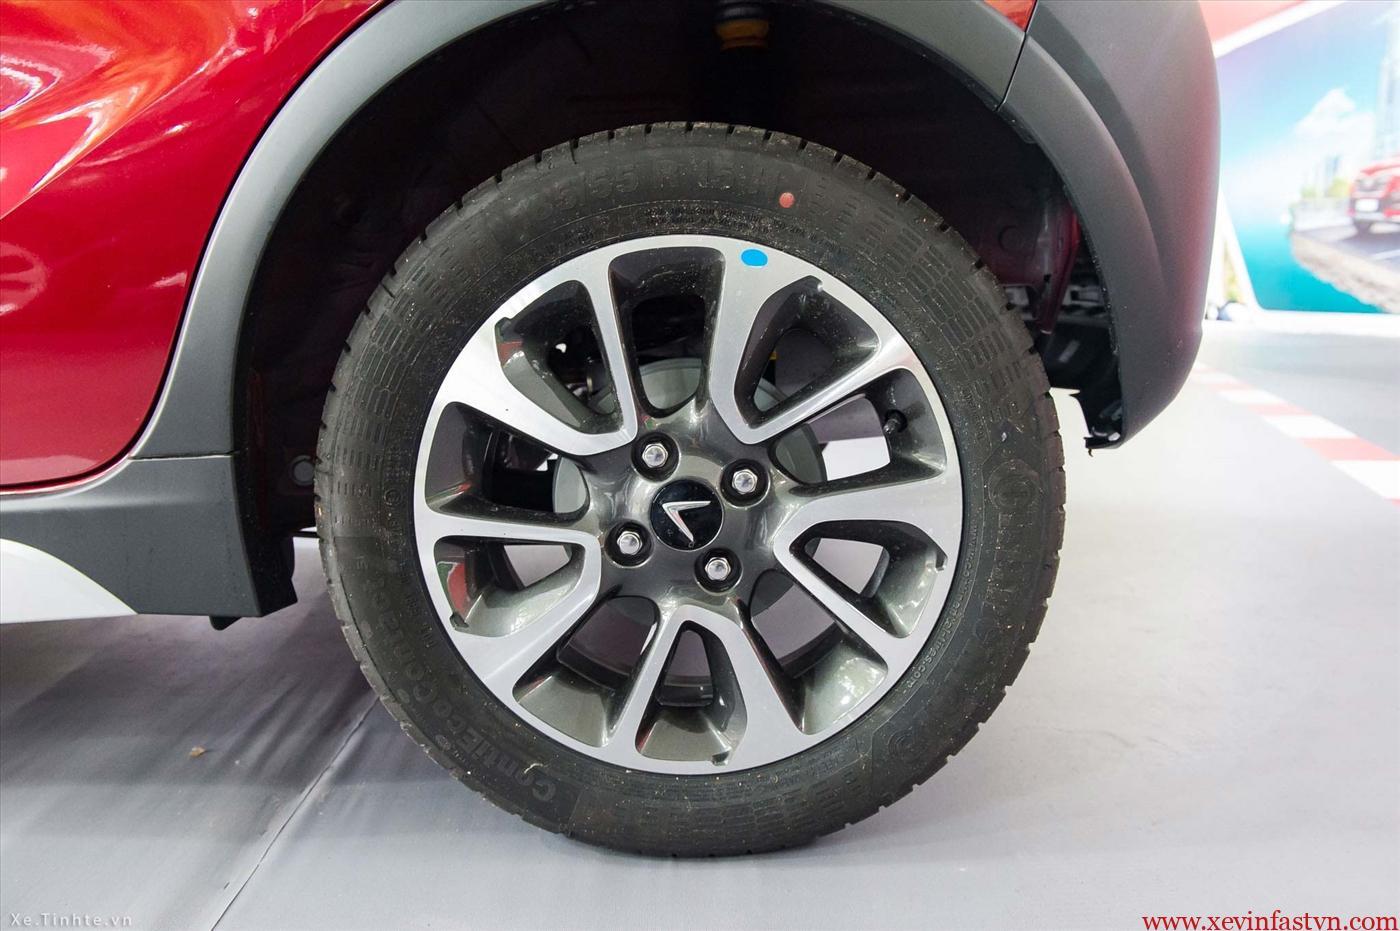 Vinfast Fadil Hatchback 1.4L At Phiên Bản Tiêu Chuẩn (Máy Xăng) - Hình 11